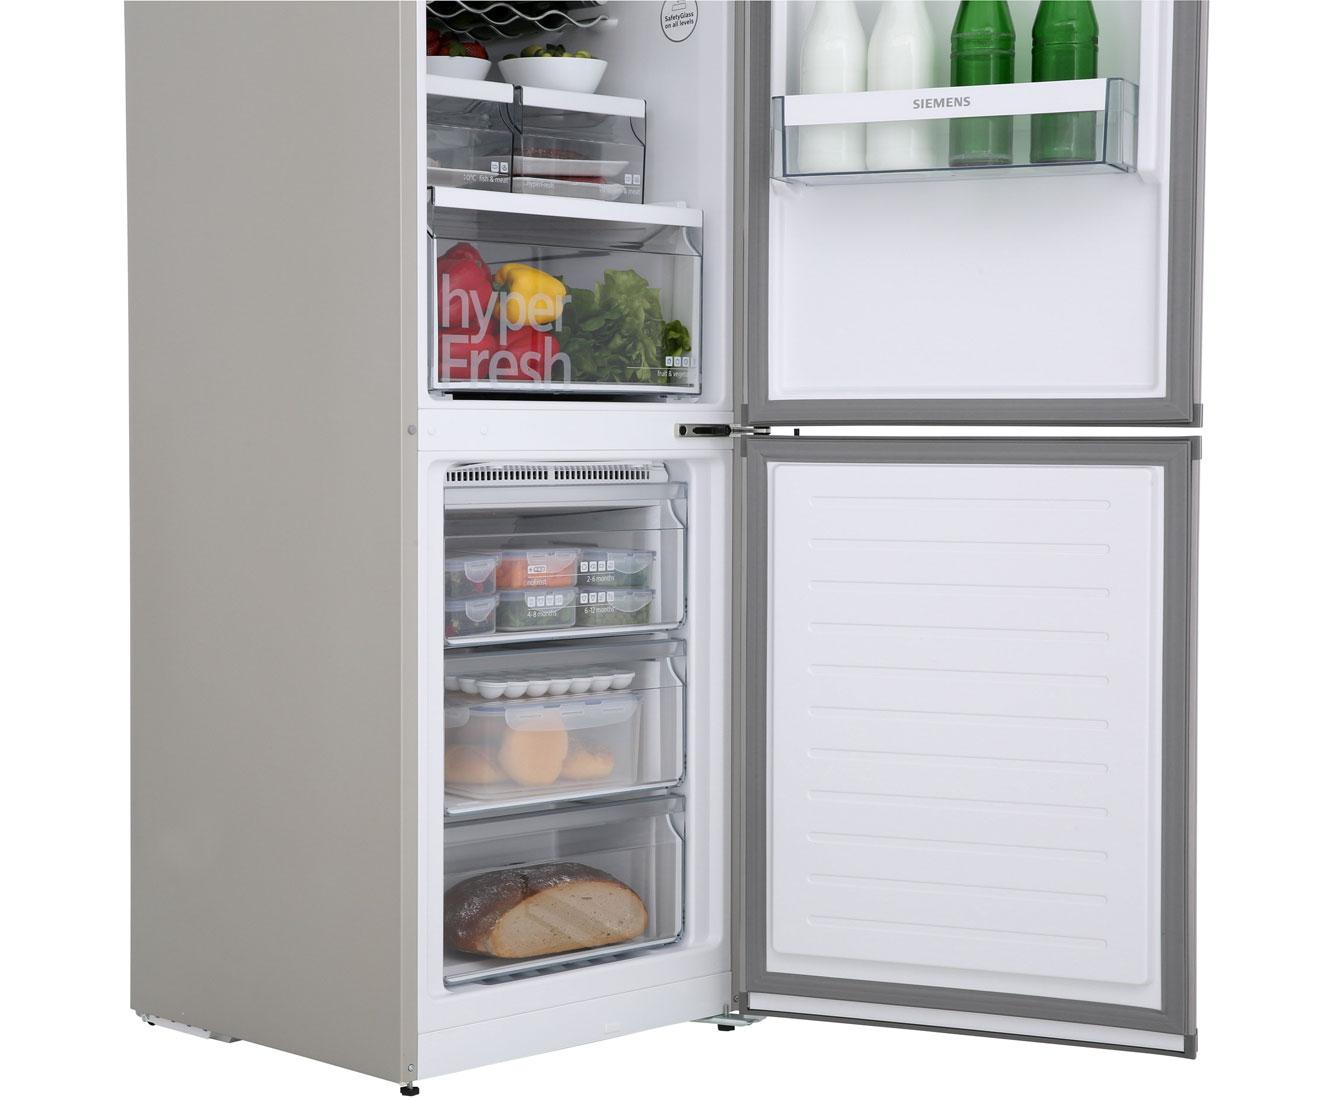 Siemens Kühlschrank Nach Transport Stehen Lassen : Siemens kühlschrank nach transport stehen lassen siemens iq kg